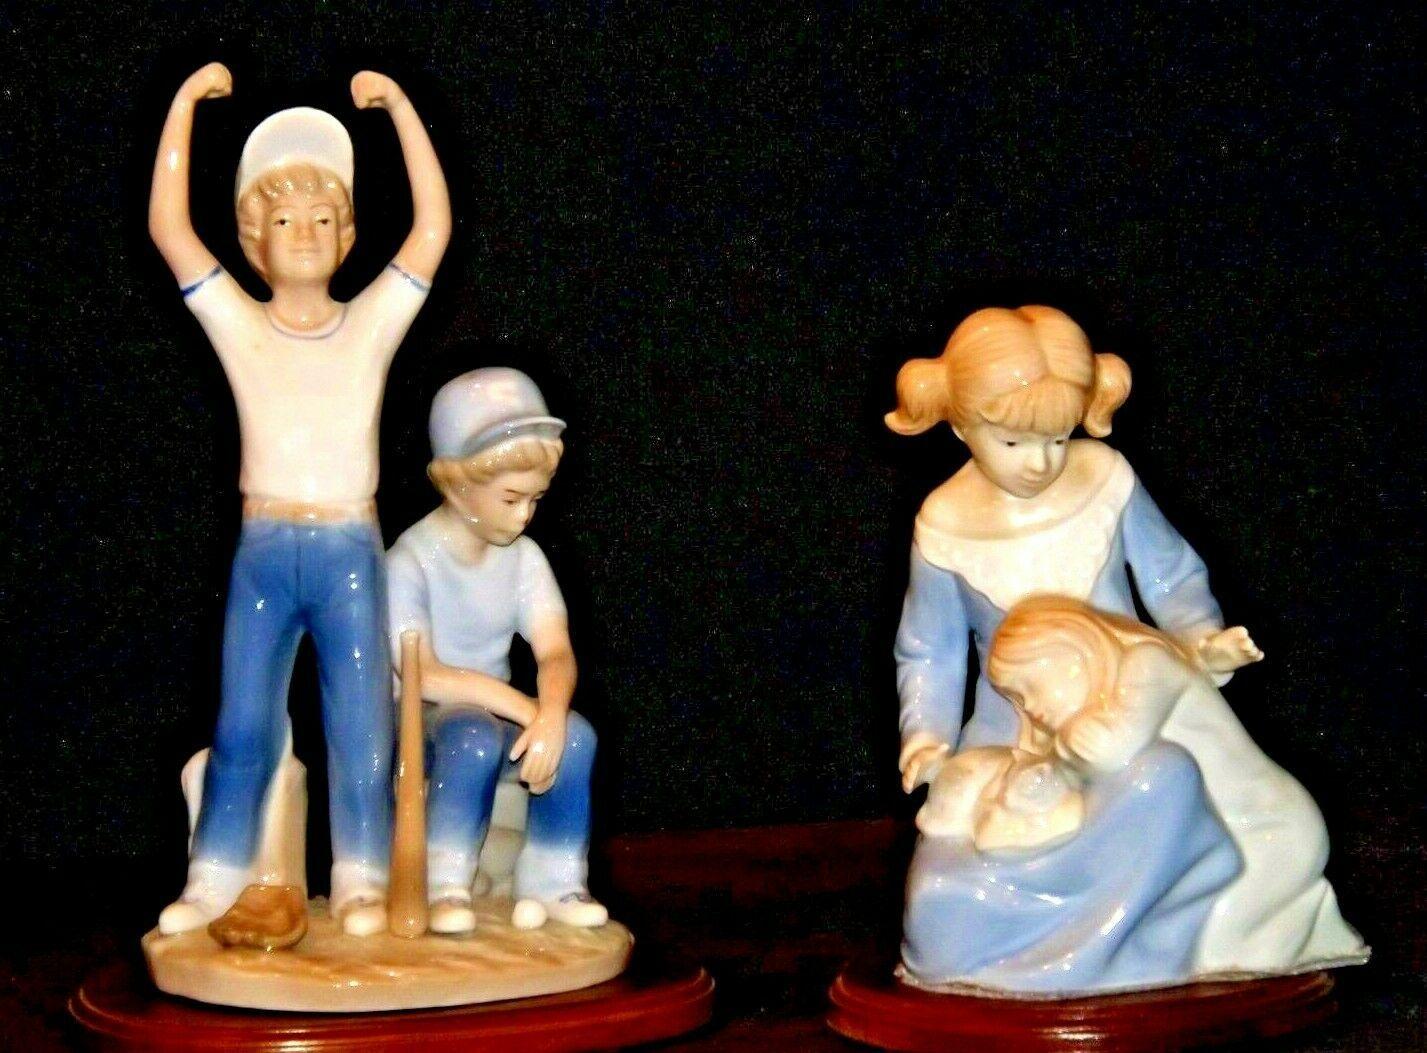 Paul Sebastian Figurines AA19-1523 Vintage Pair 1989 AA19-1523 Vintage